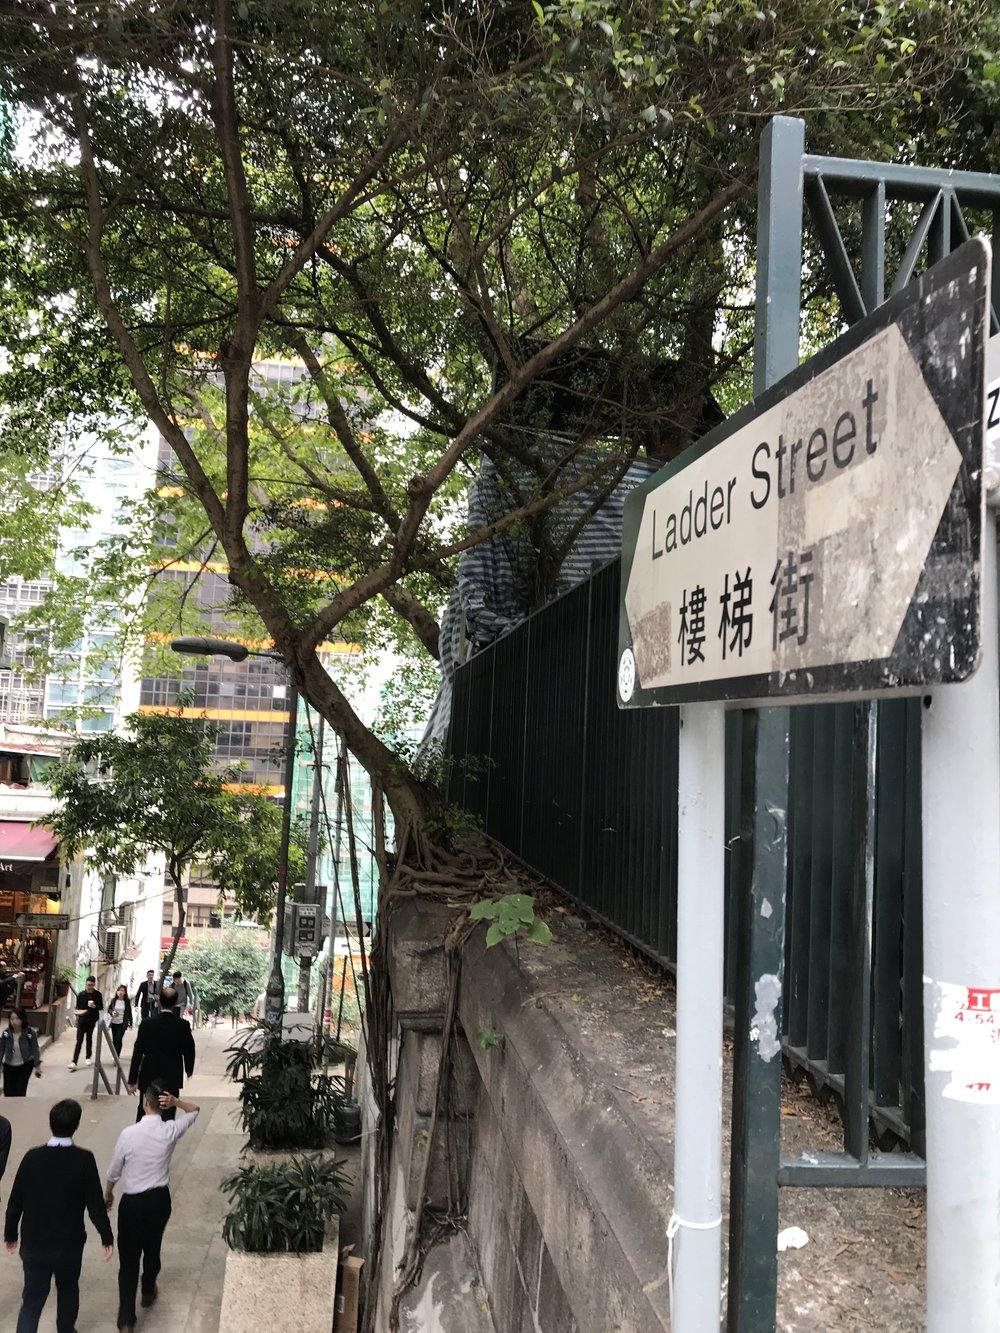 Ladder Street - Hong Kong